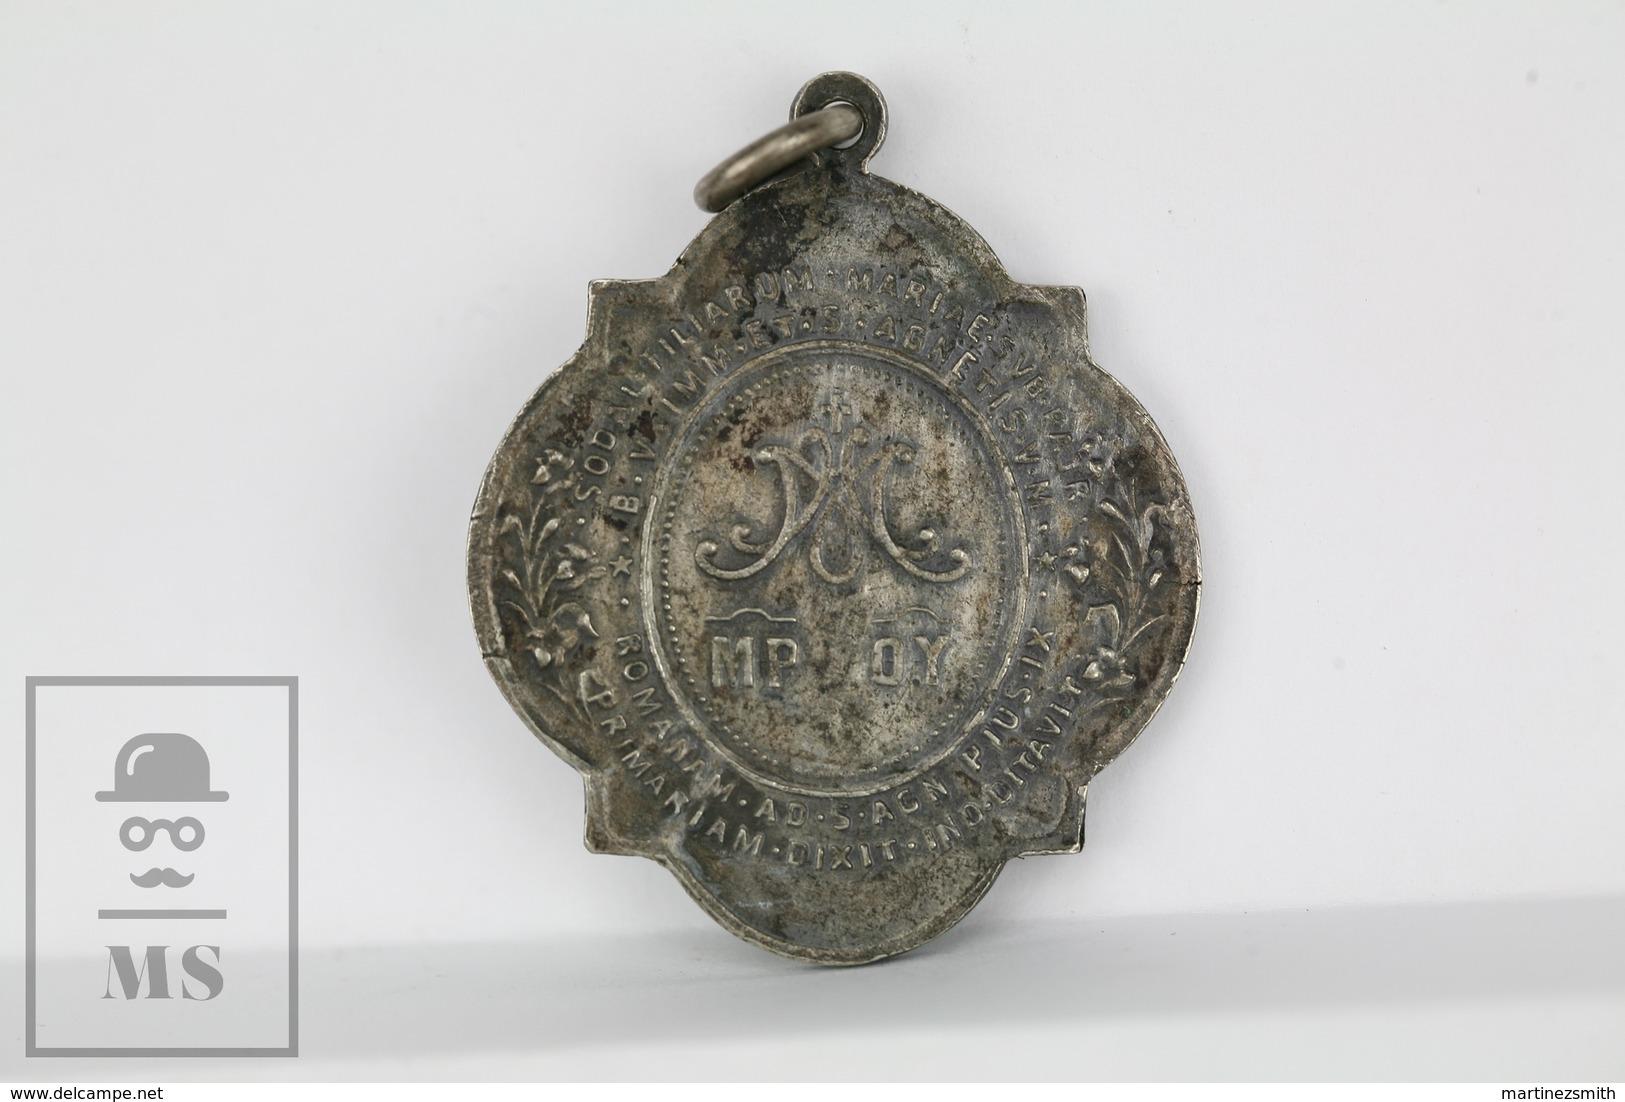 Mater Tous Oculos Ad Nos Converte - Romae. Old Religious Medal - Religión & Esoterismo